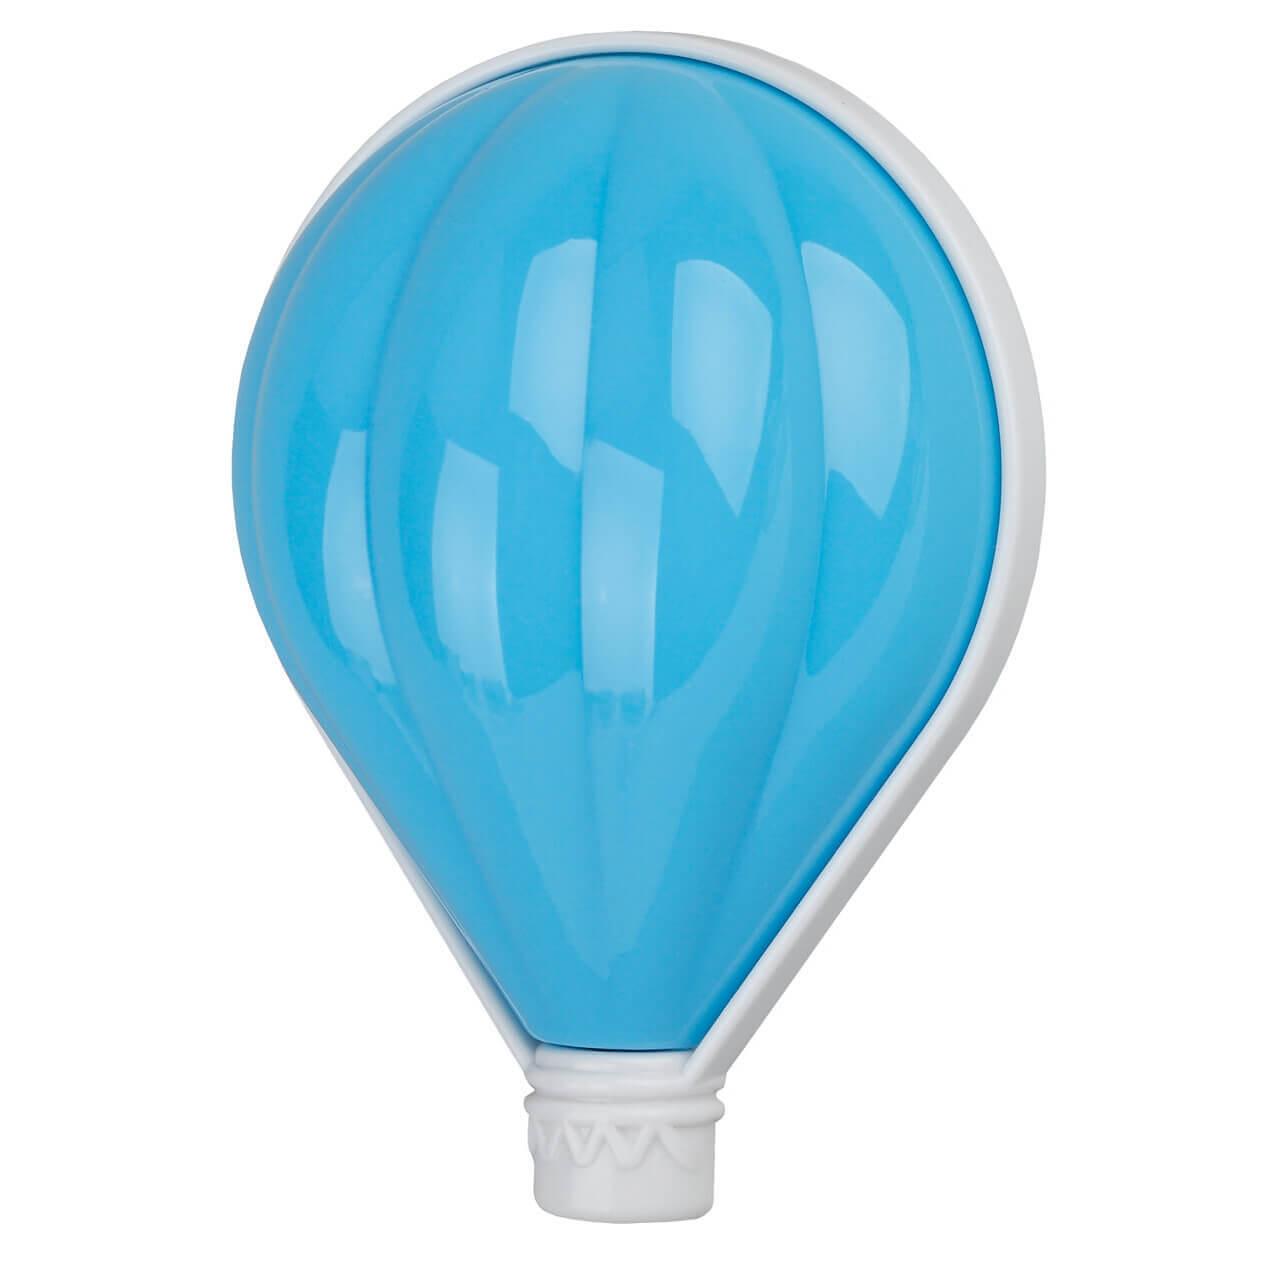 Настенный светодиодный светильник ЭРА NN-607-LS-BU светильник ночник светодиодный nn 604 ls bu 05вт синий